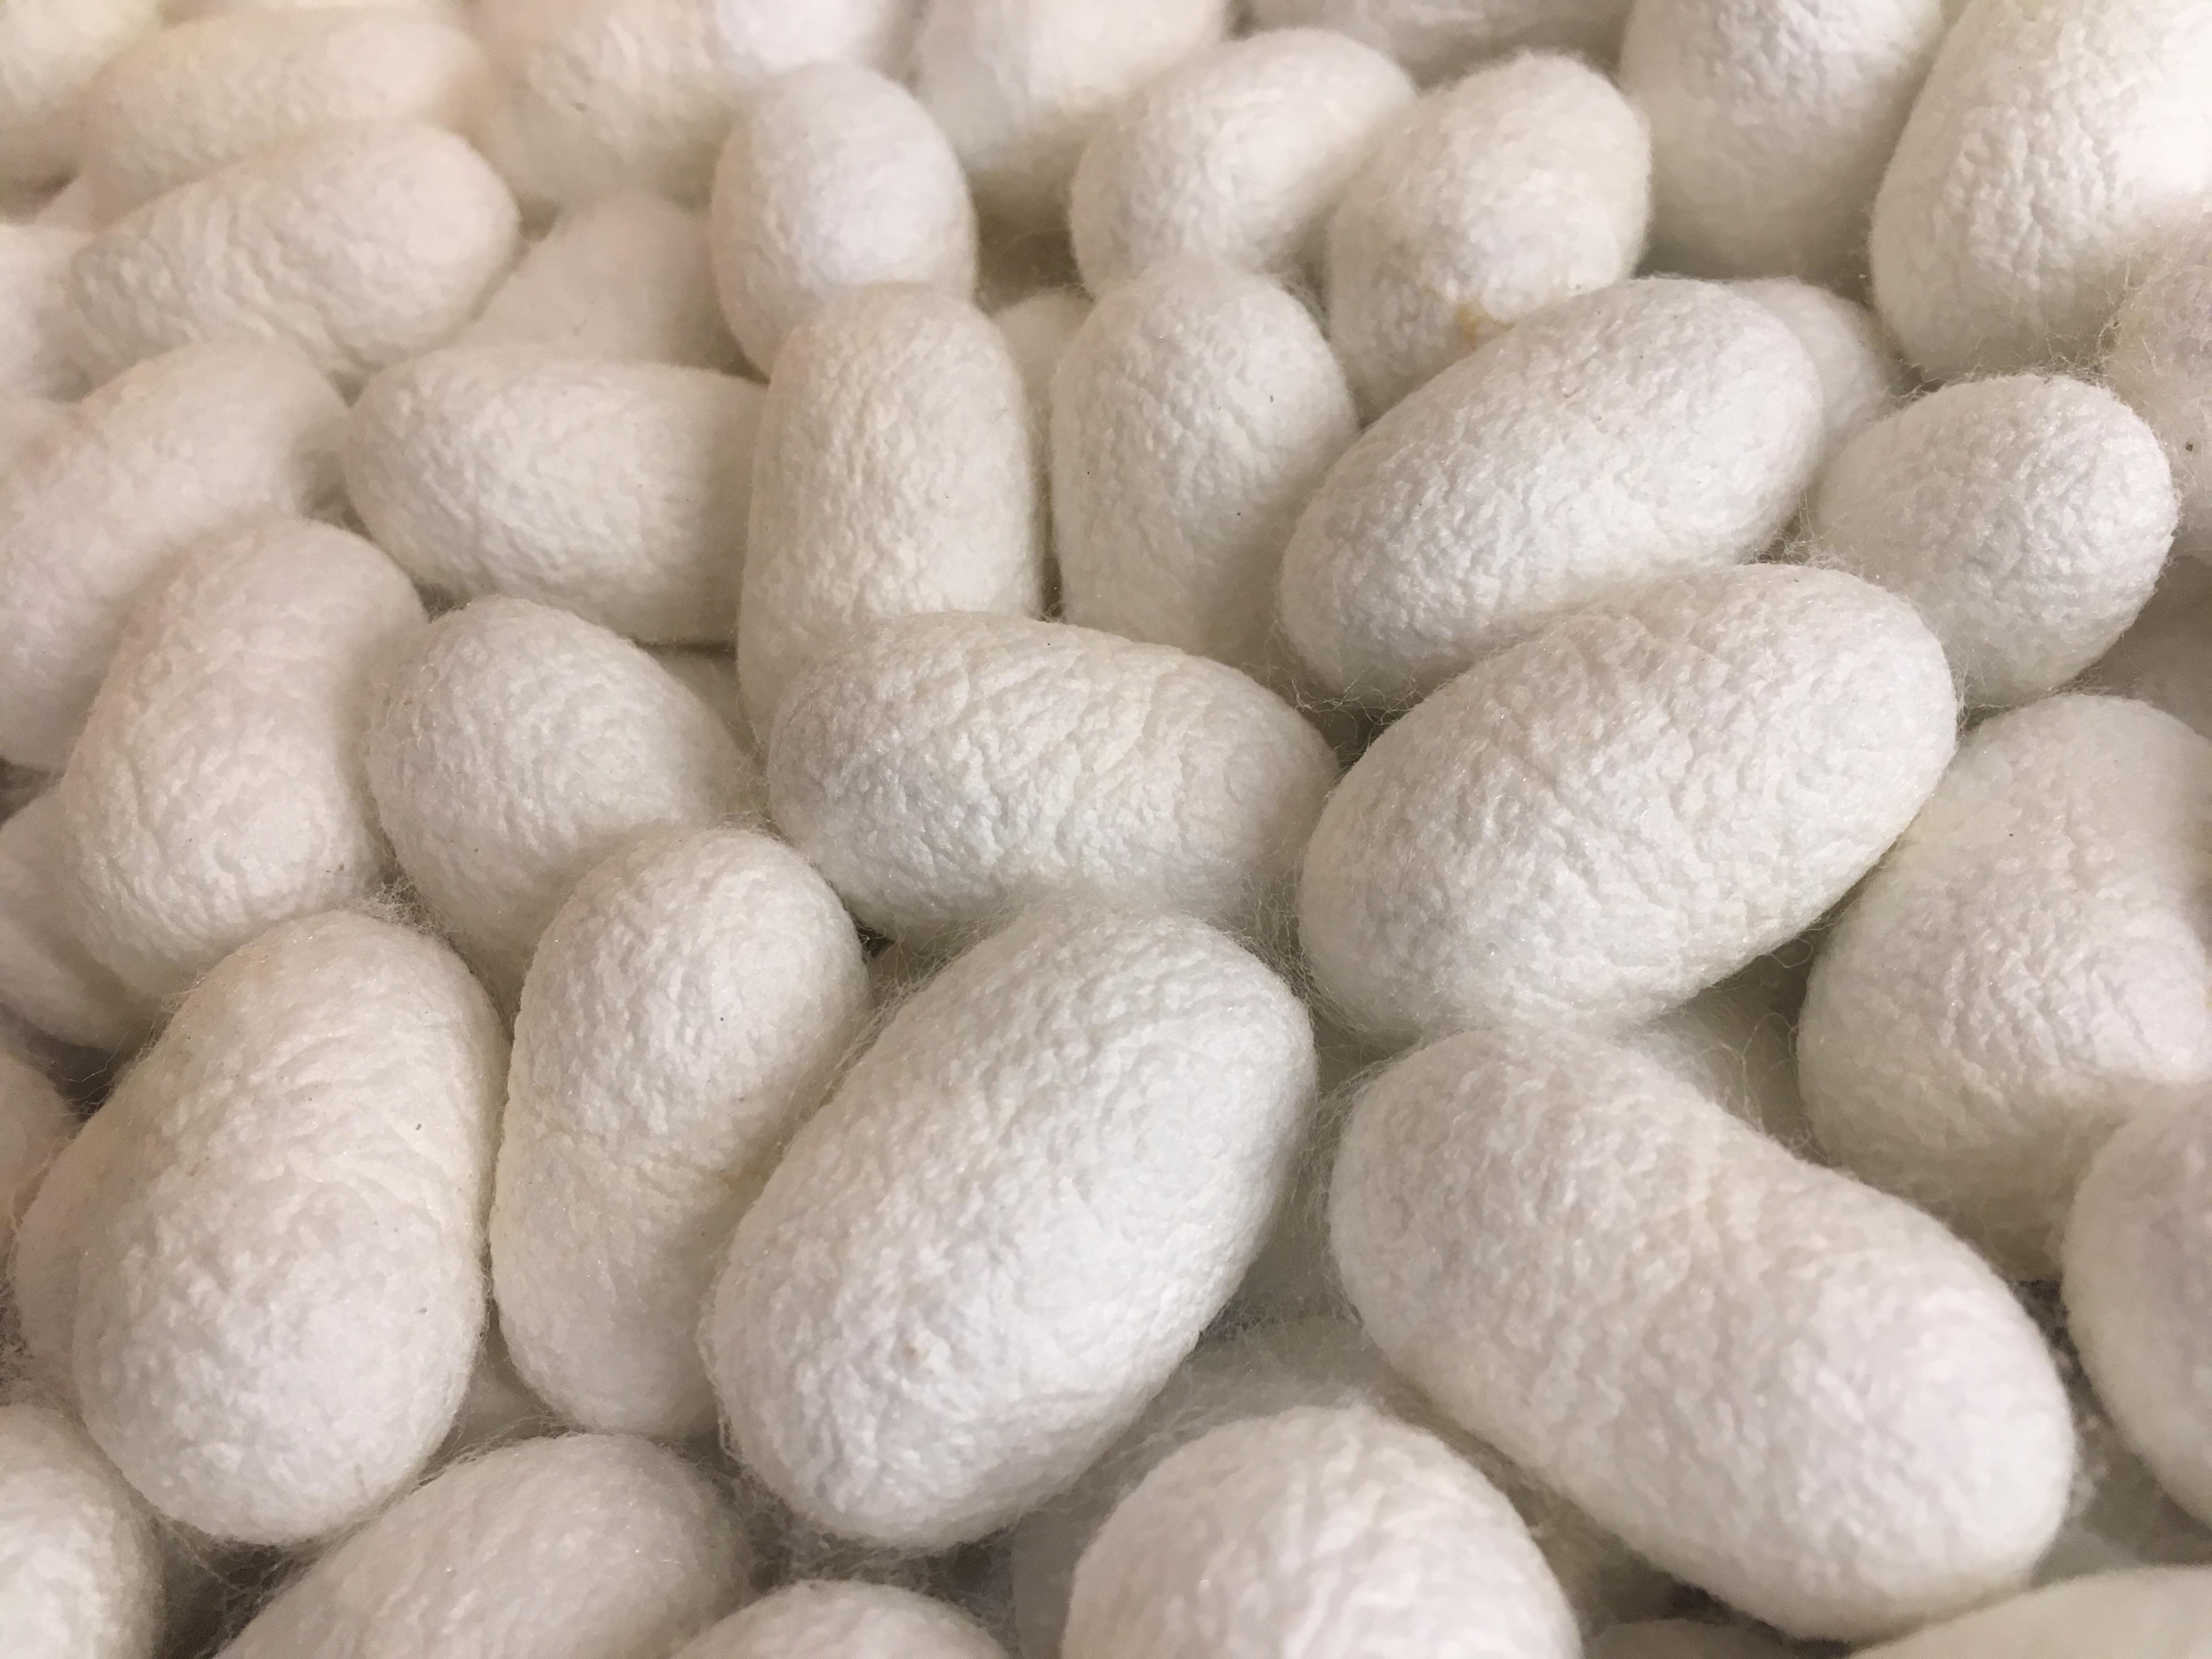 Silkworm cocoons in japan for yuki tsumugi